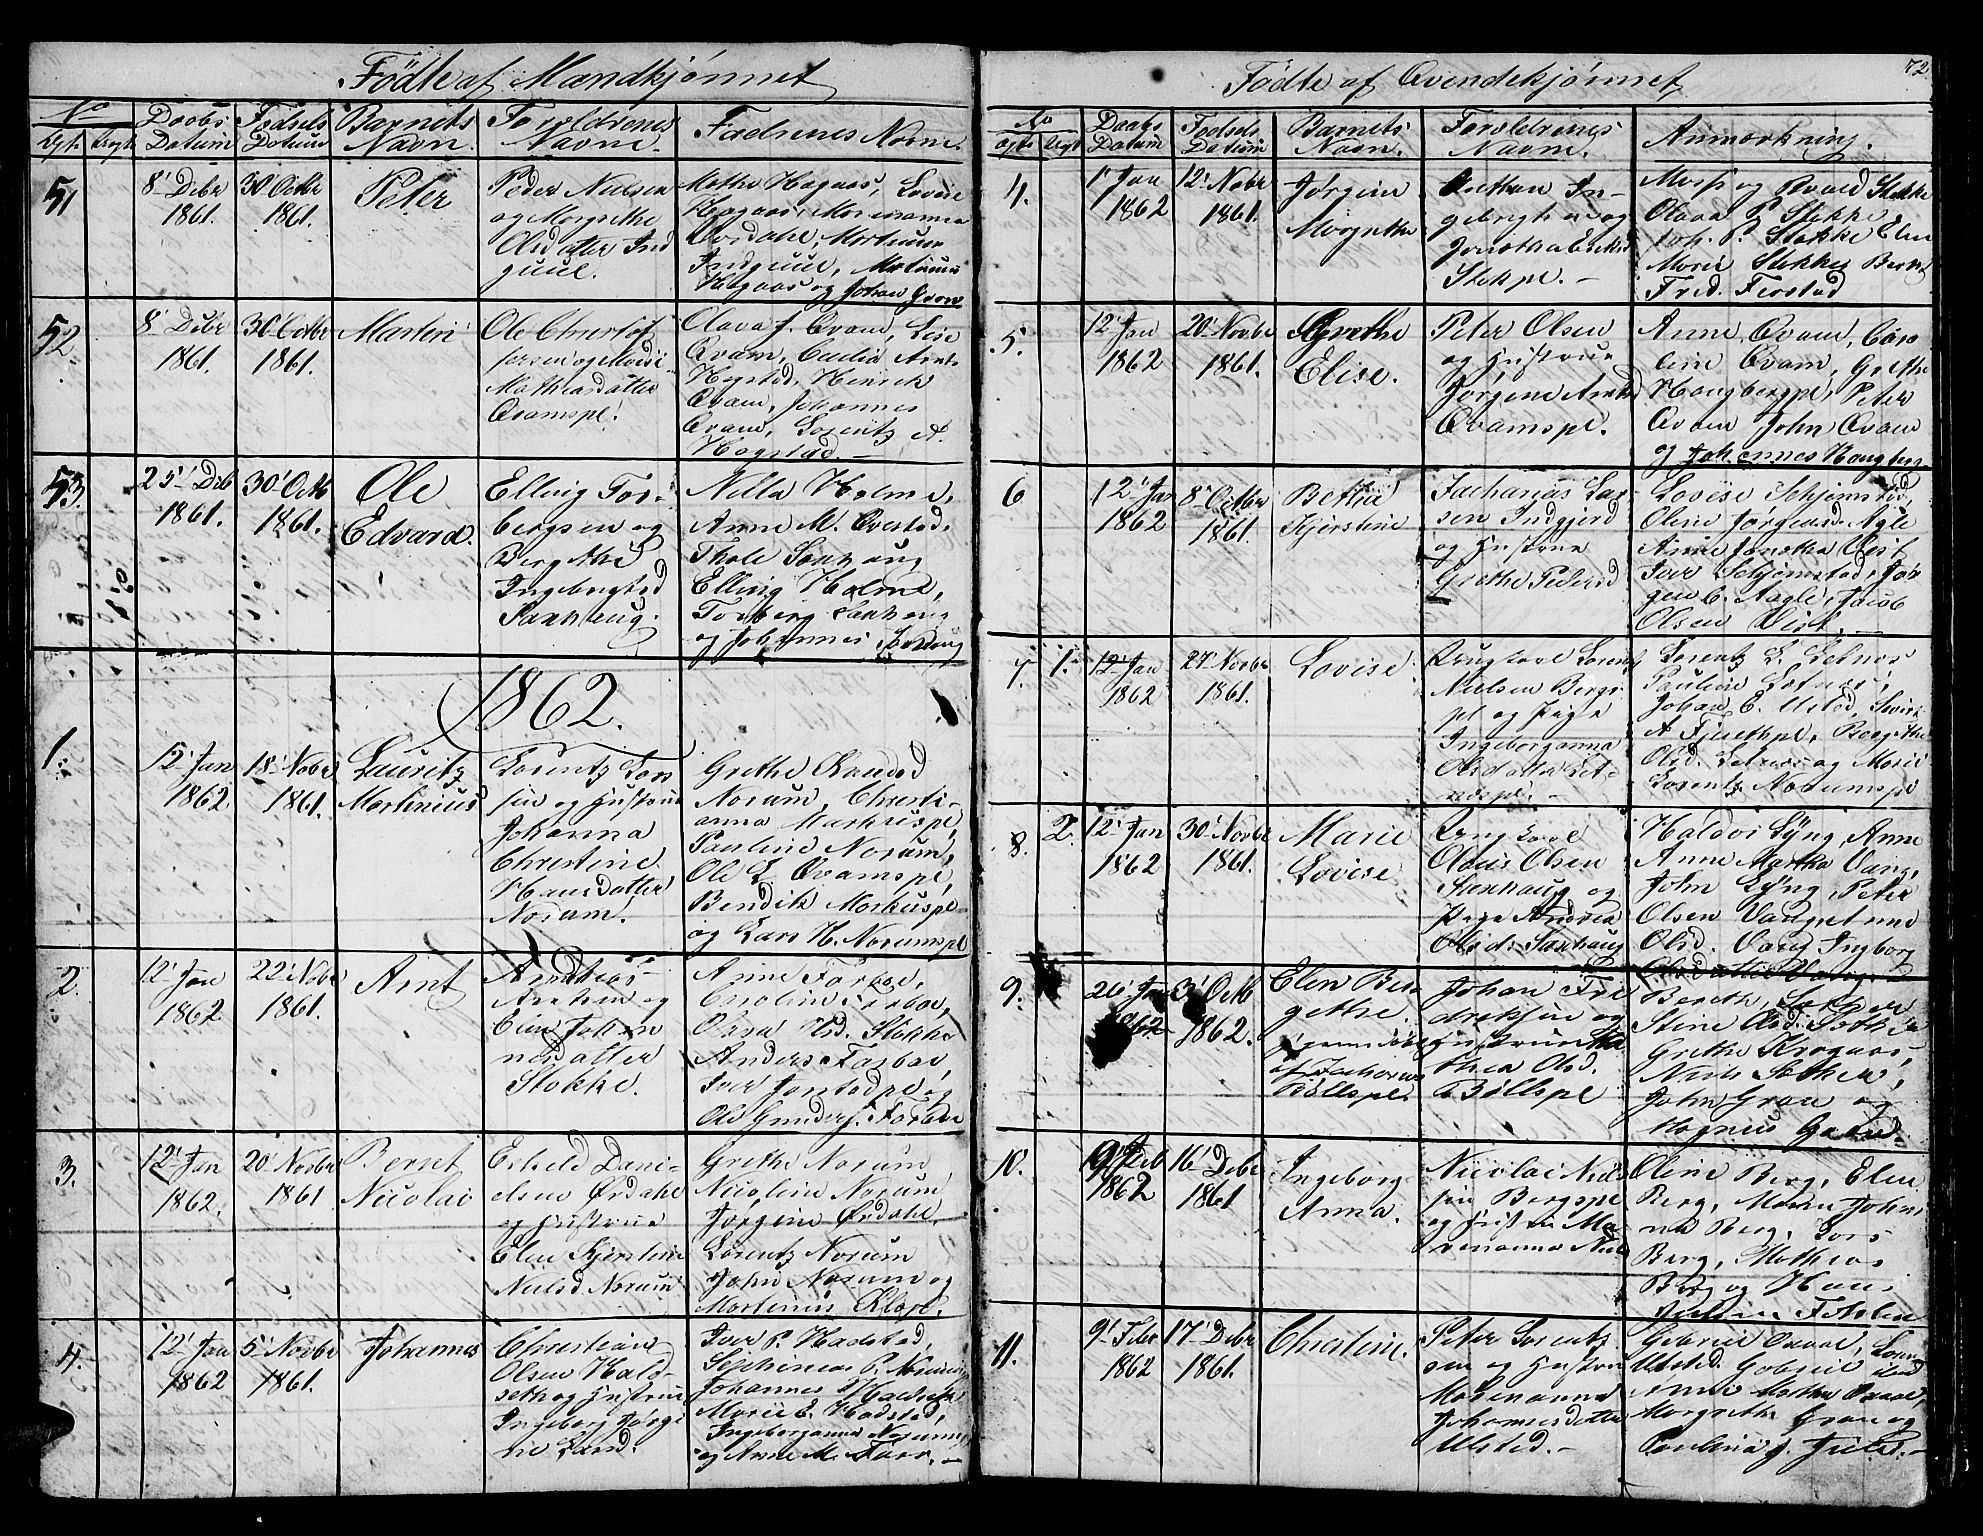 SAT, Ministerialprotokoller, klokkerbøker og fødselsregistre - Nord-Trøndelag, 730/L0299: Klokkerbok nr. 730C02, 1849-1871, s. 72